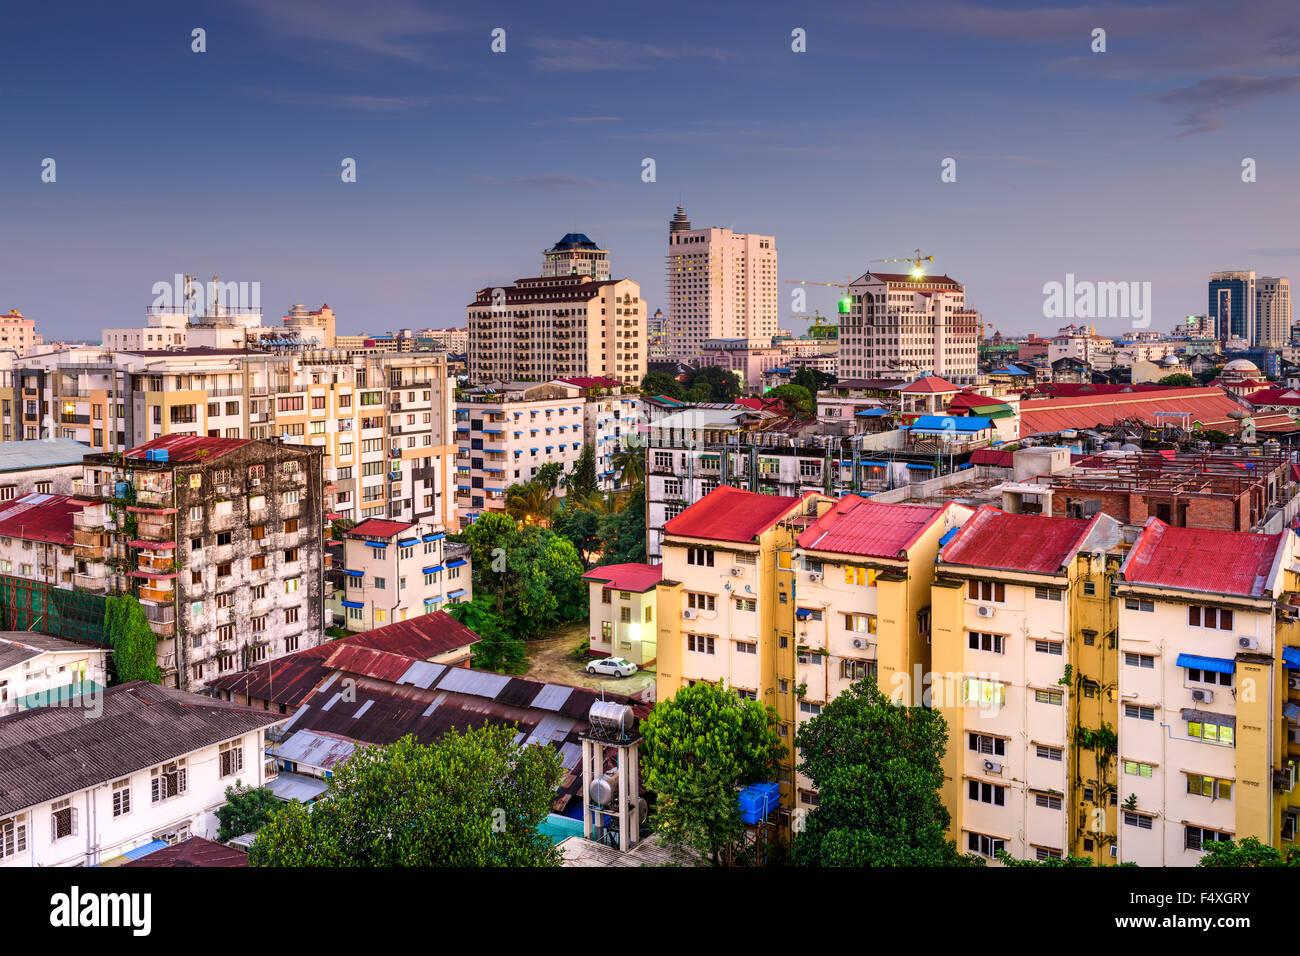 Die Innenstadt von Skyline von Yangon, Myanmar. Stockbild